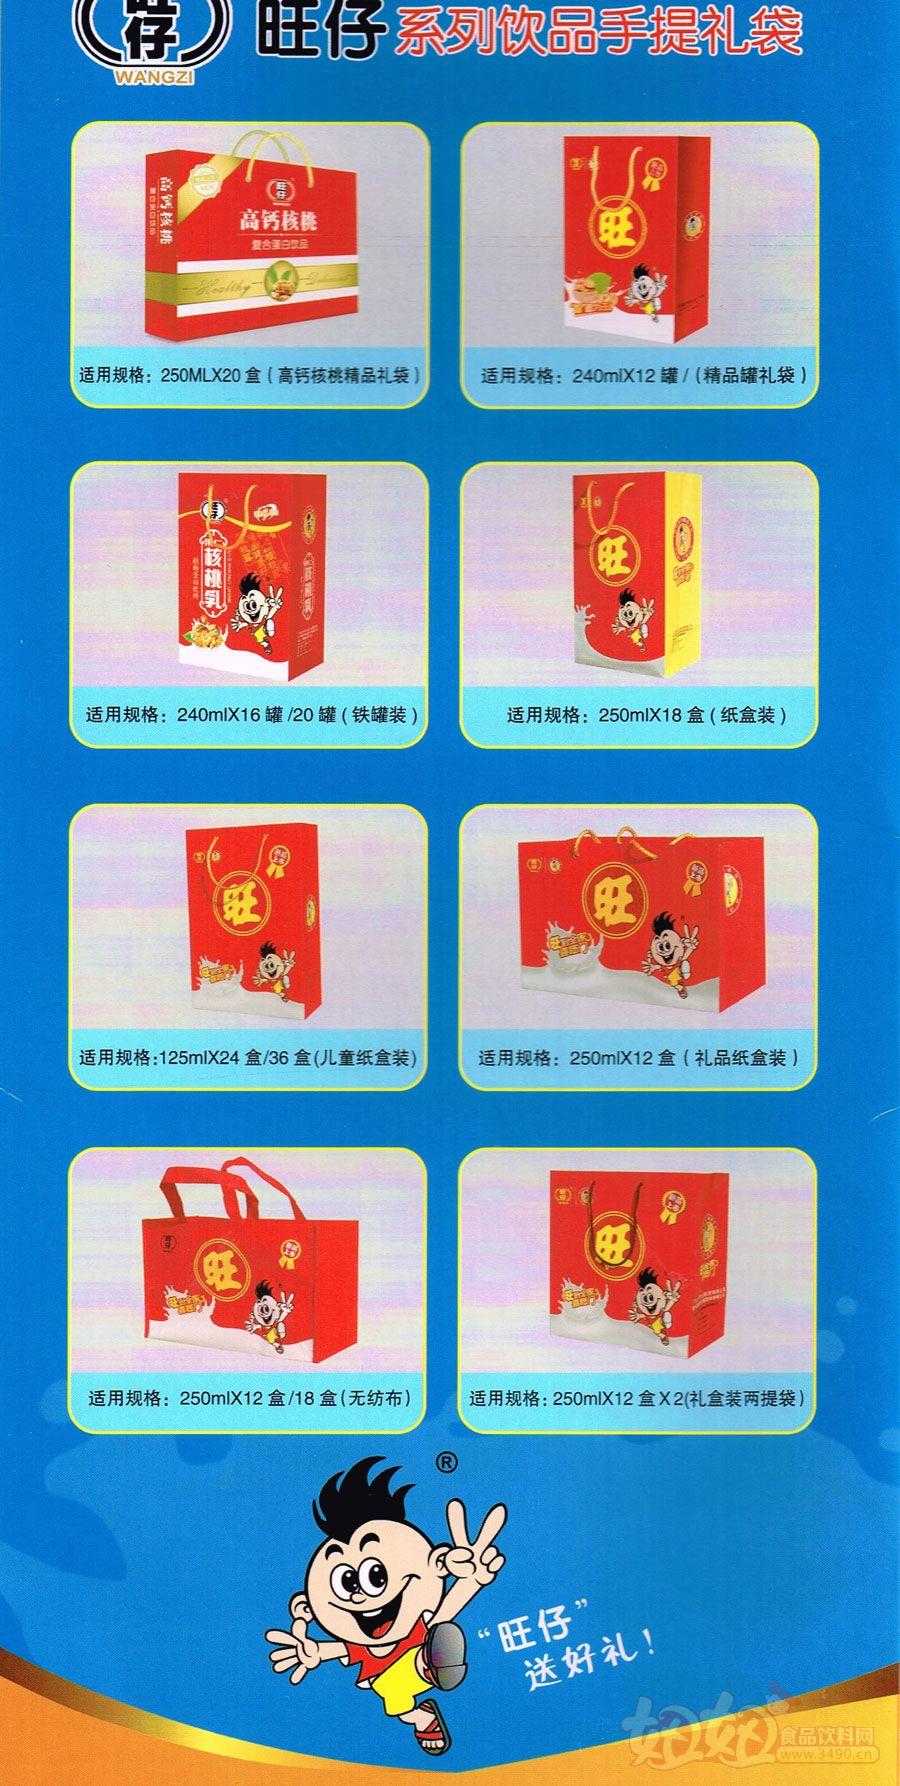 临沂碧思特食品饮料公司礼盒产品